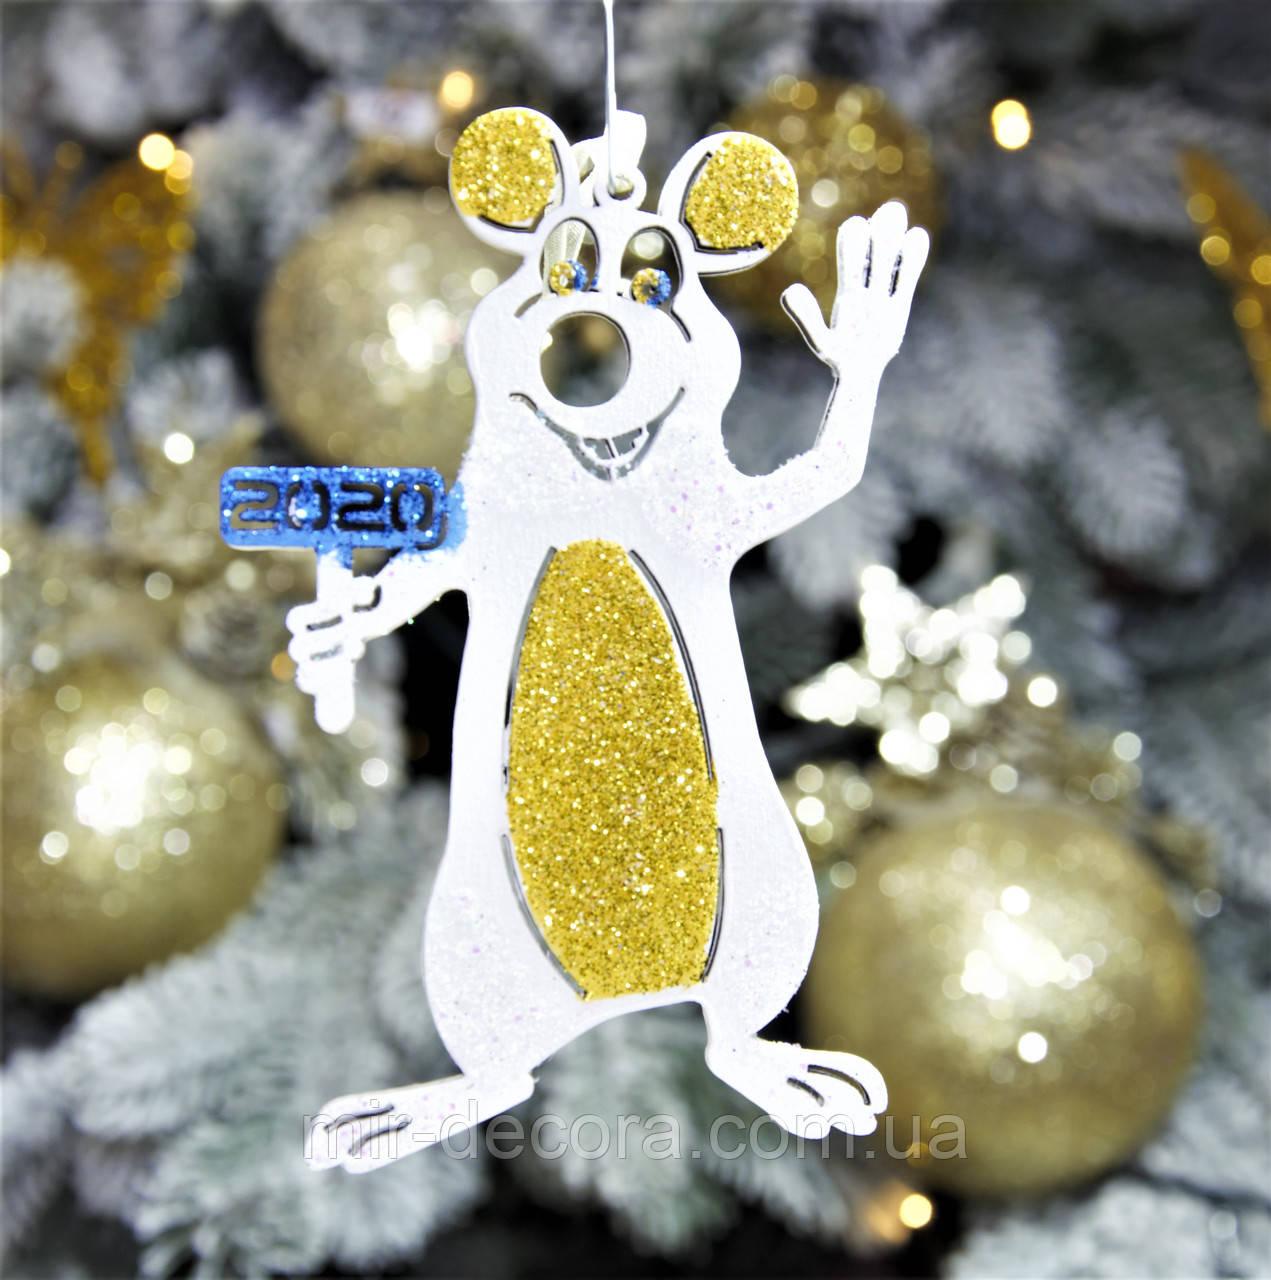 """Новогодняя игрушка на елку крыс 2020 """"Мышка Символ года"""" размер 12 см"""